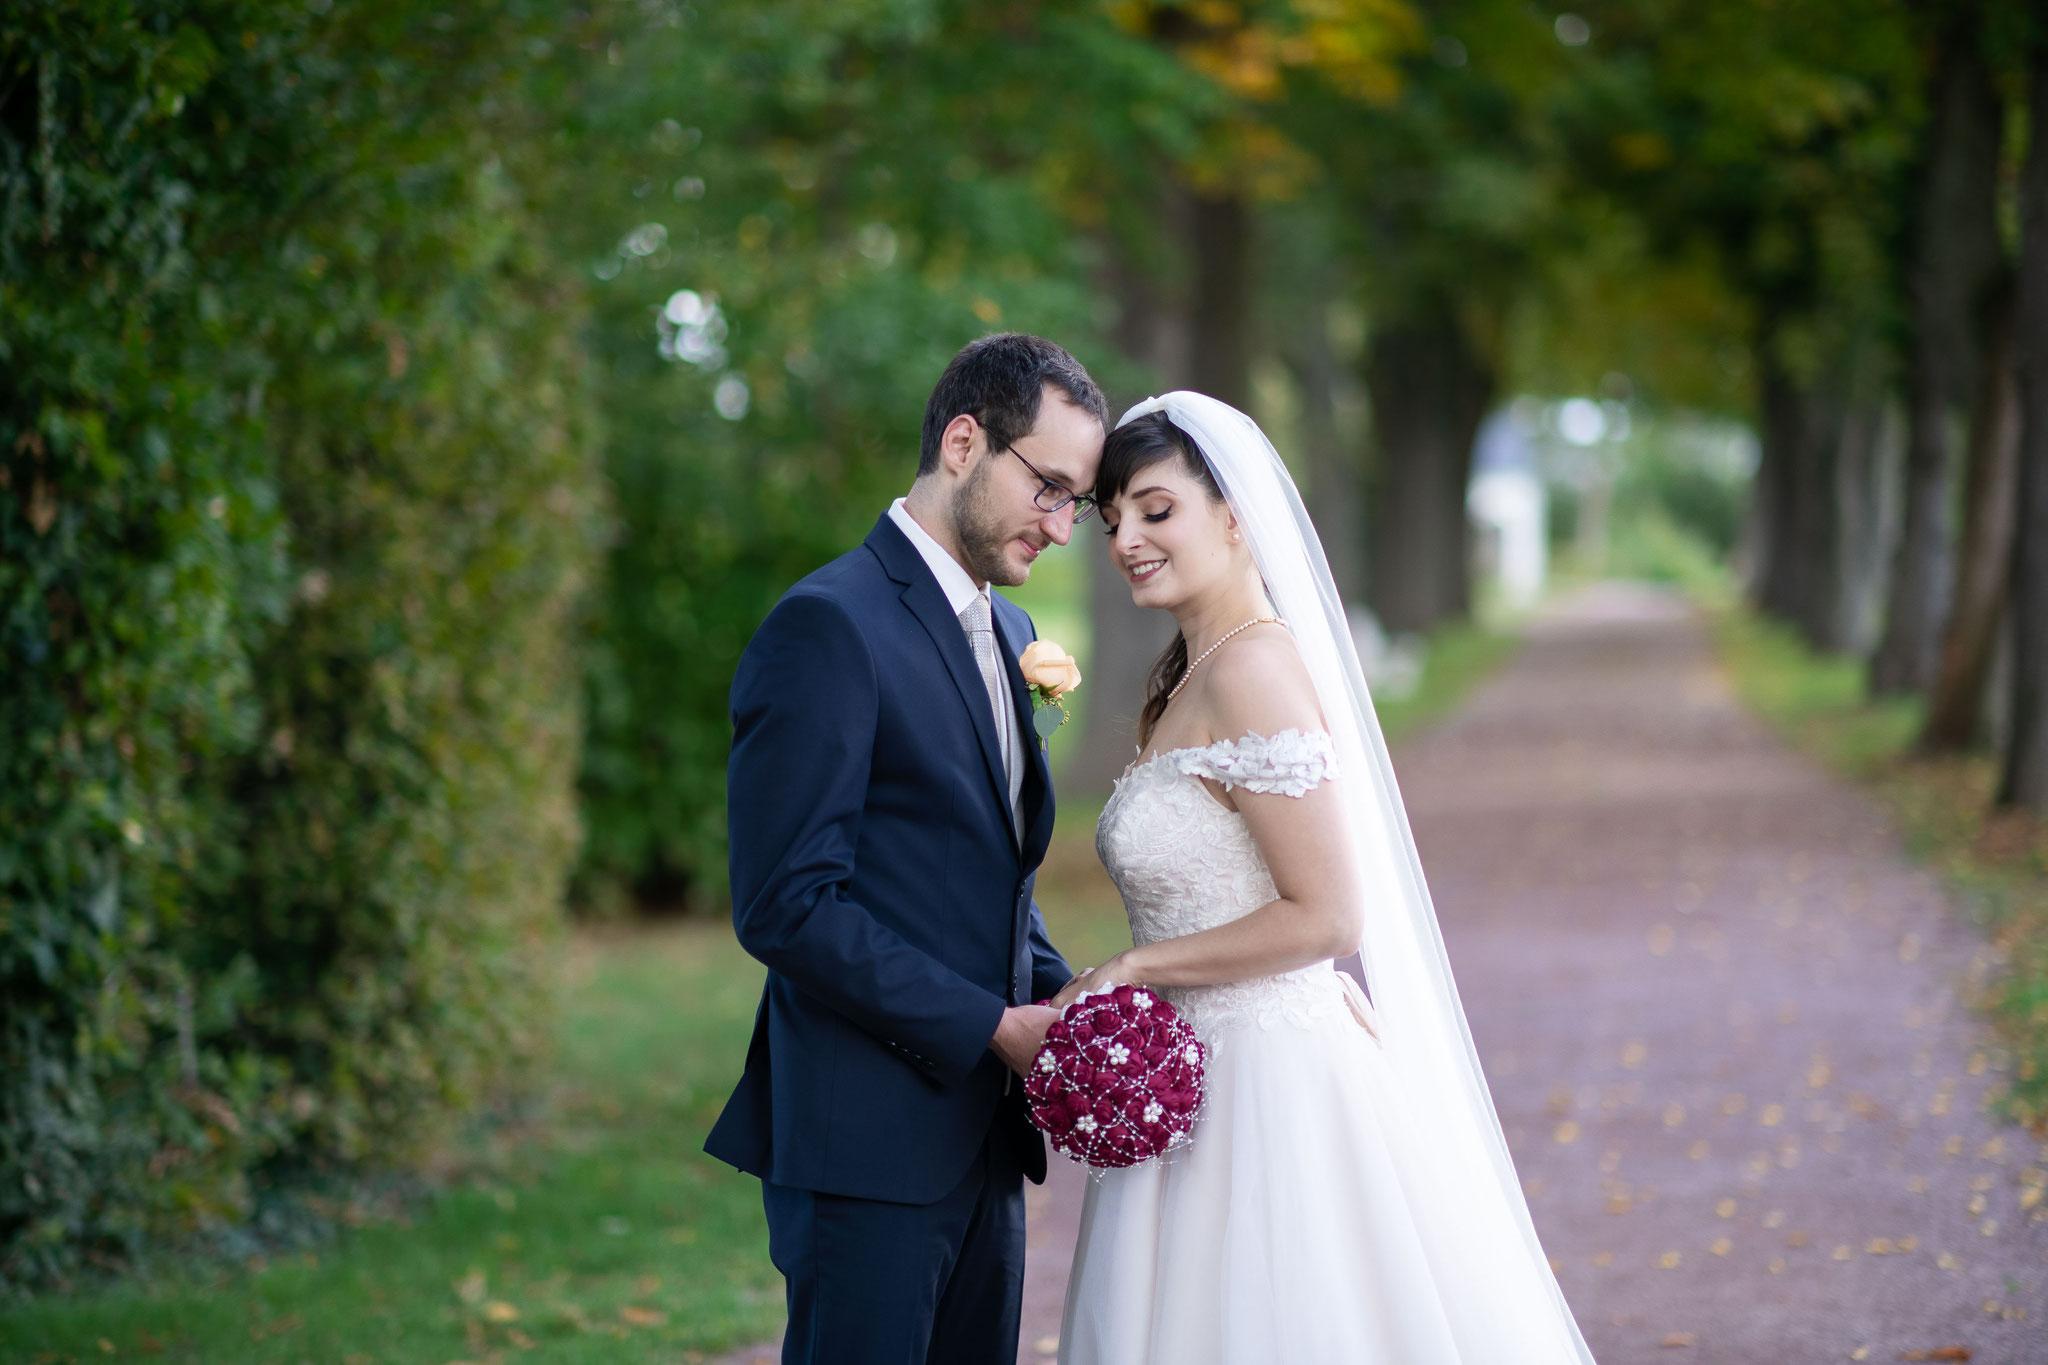 Ihr Fotograf für professionelles Brautpaarshooting in Darmstadt und Umgebung